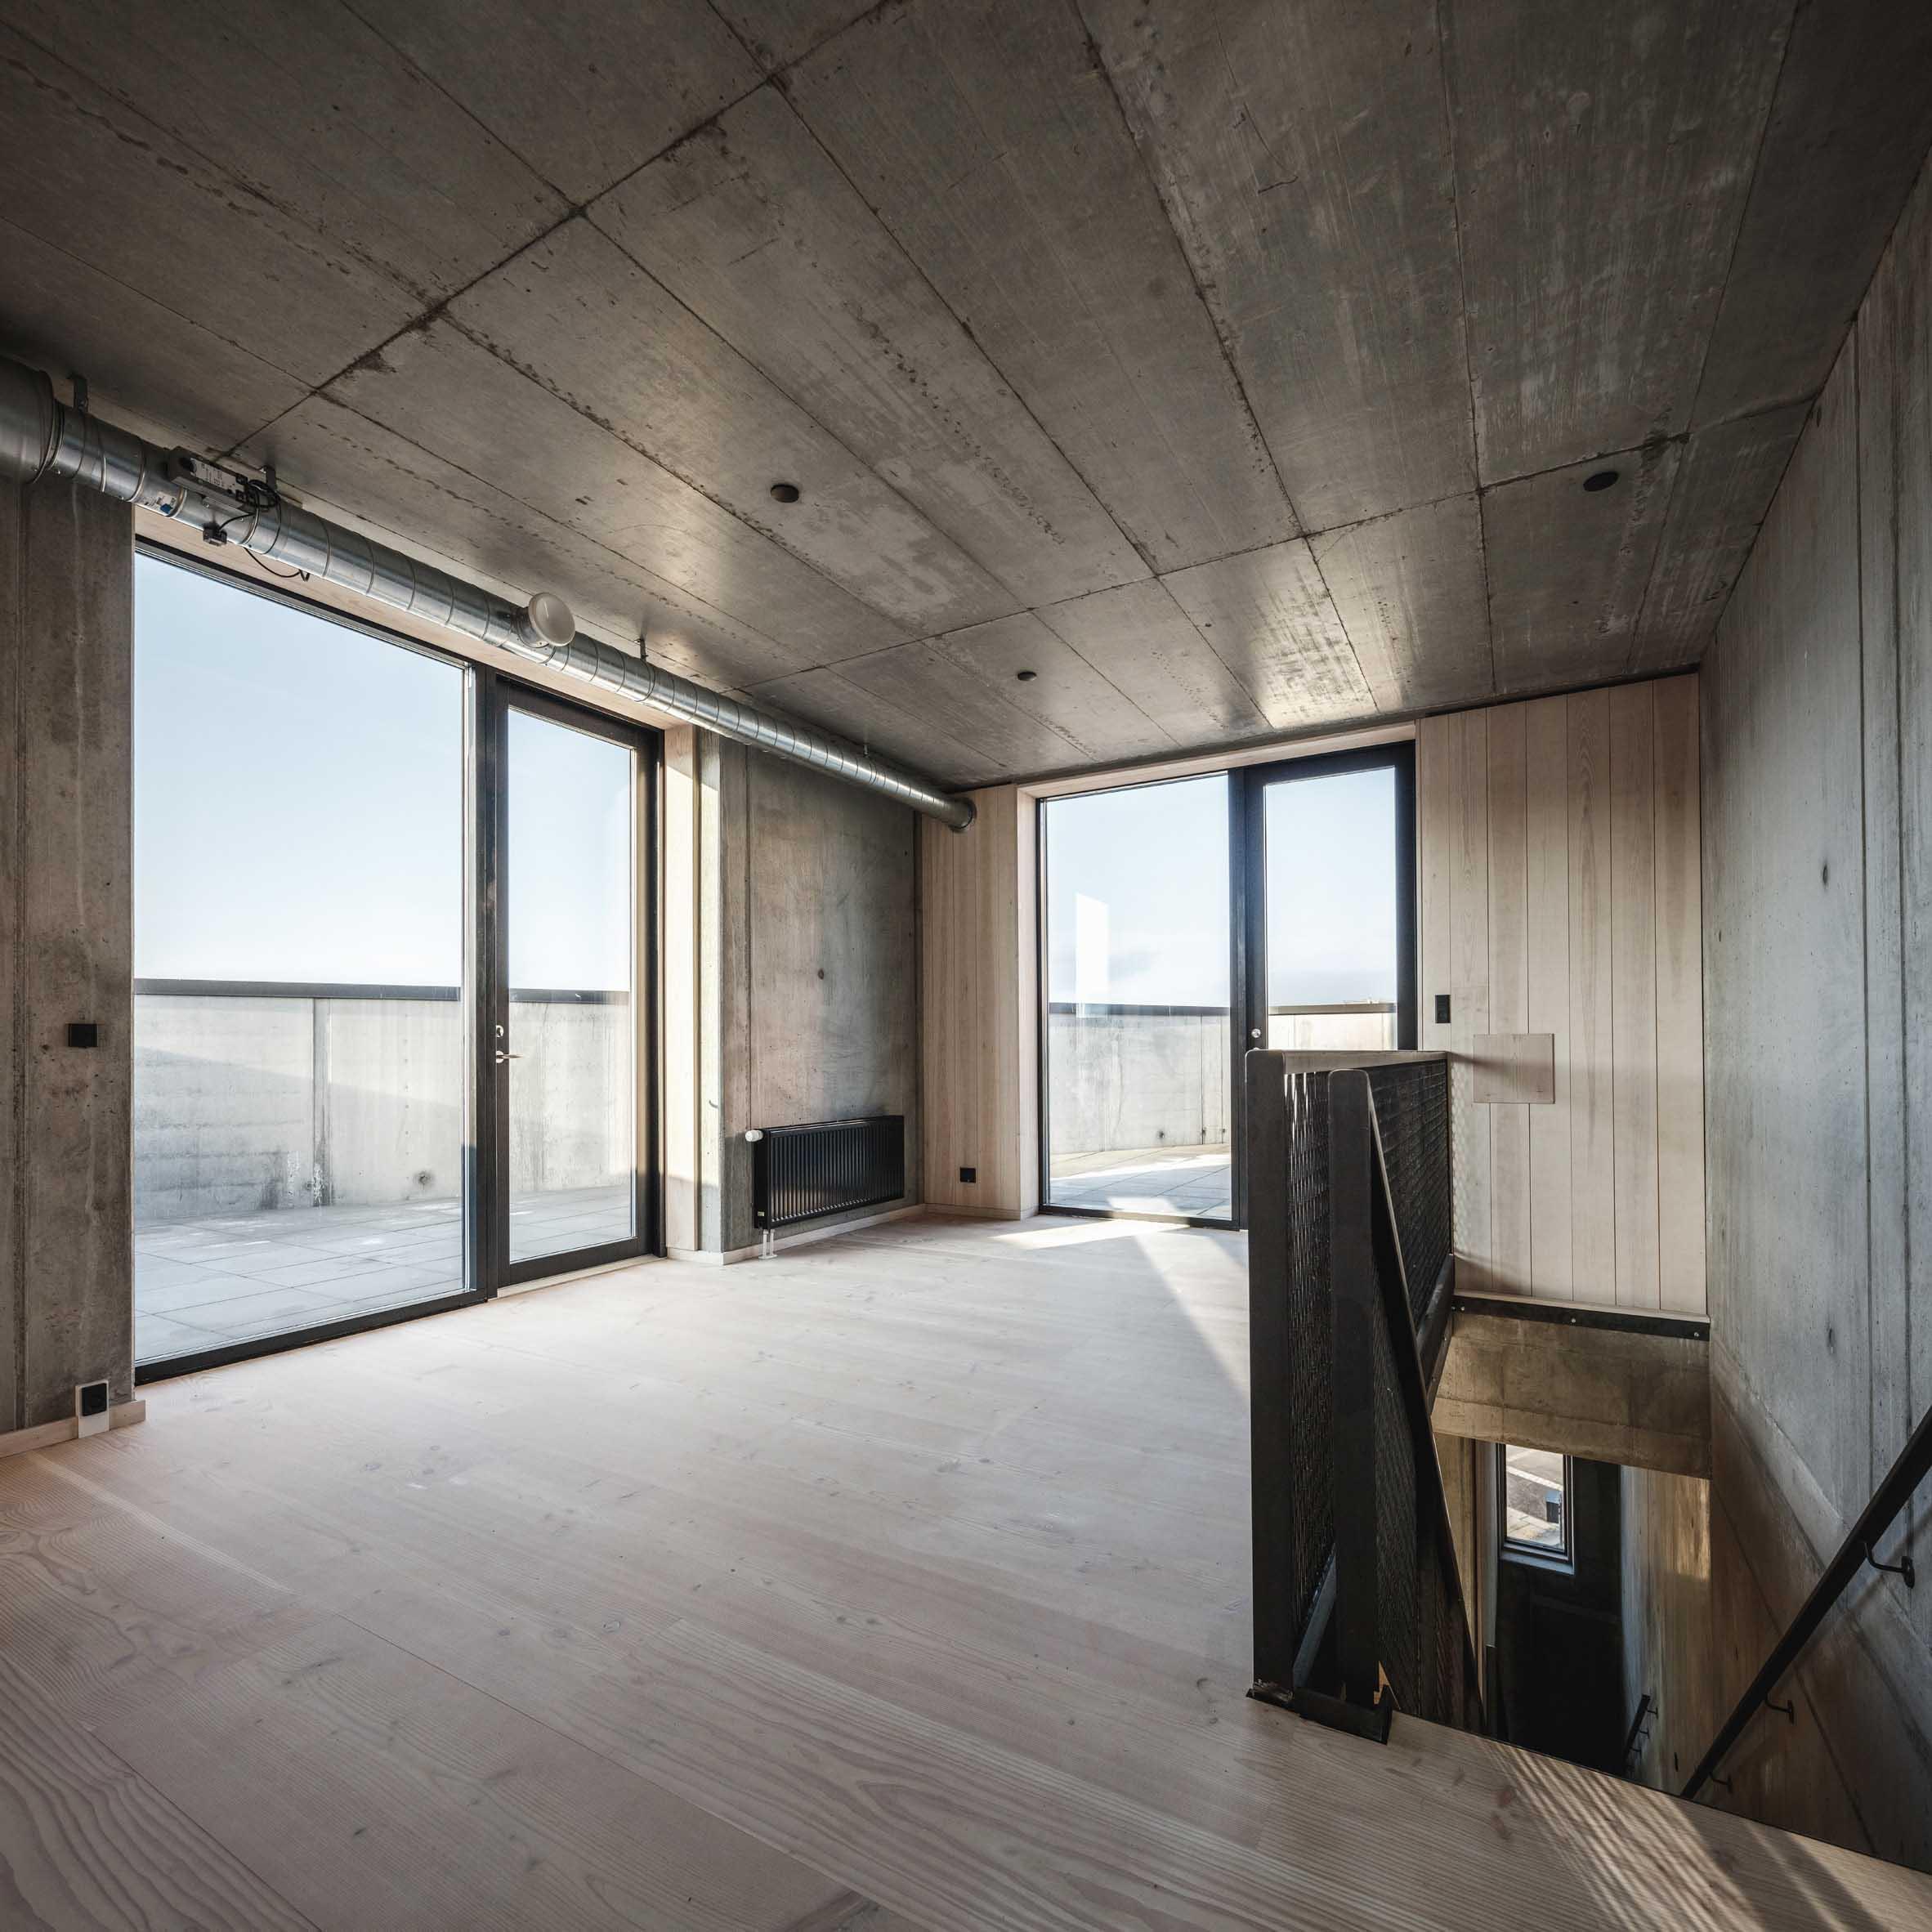 Будинки зі сміття: як виглядає житловий комплекс, повністю збудований із вторсировини (ФОТО)